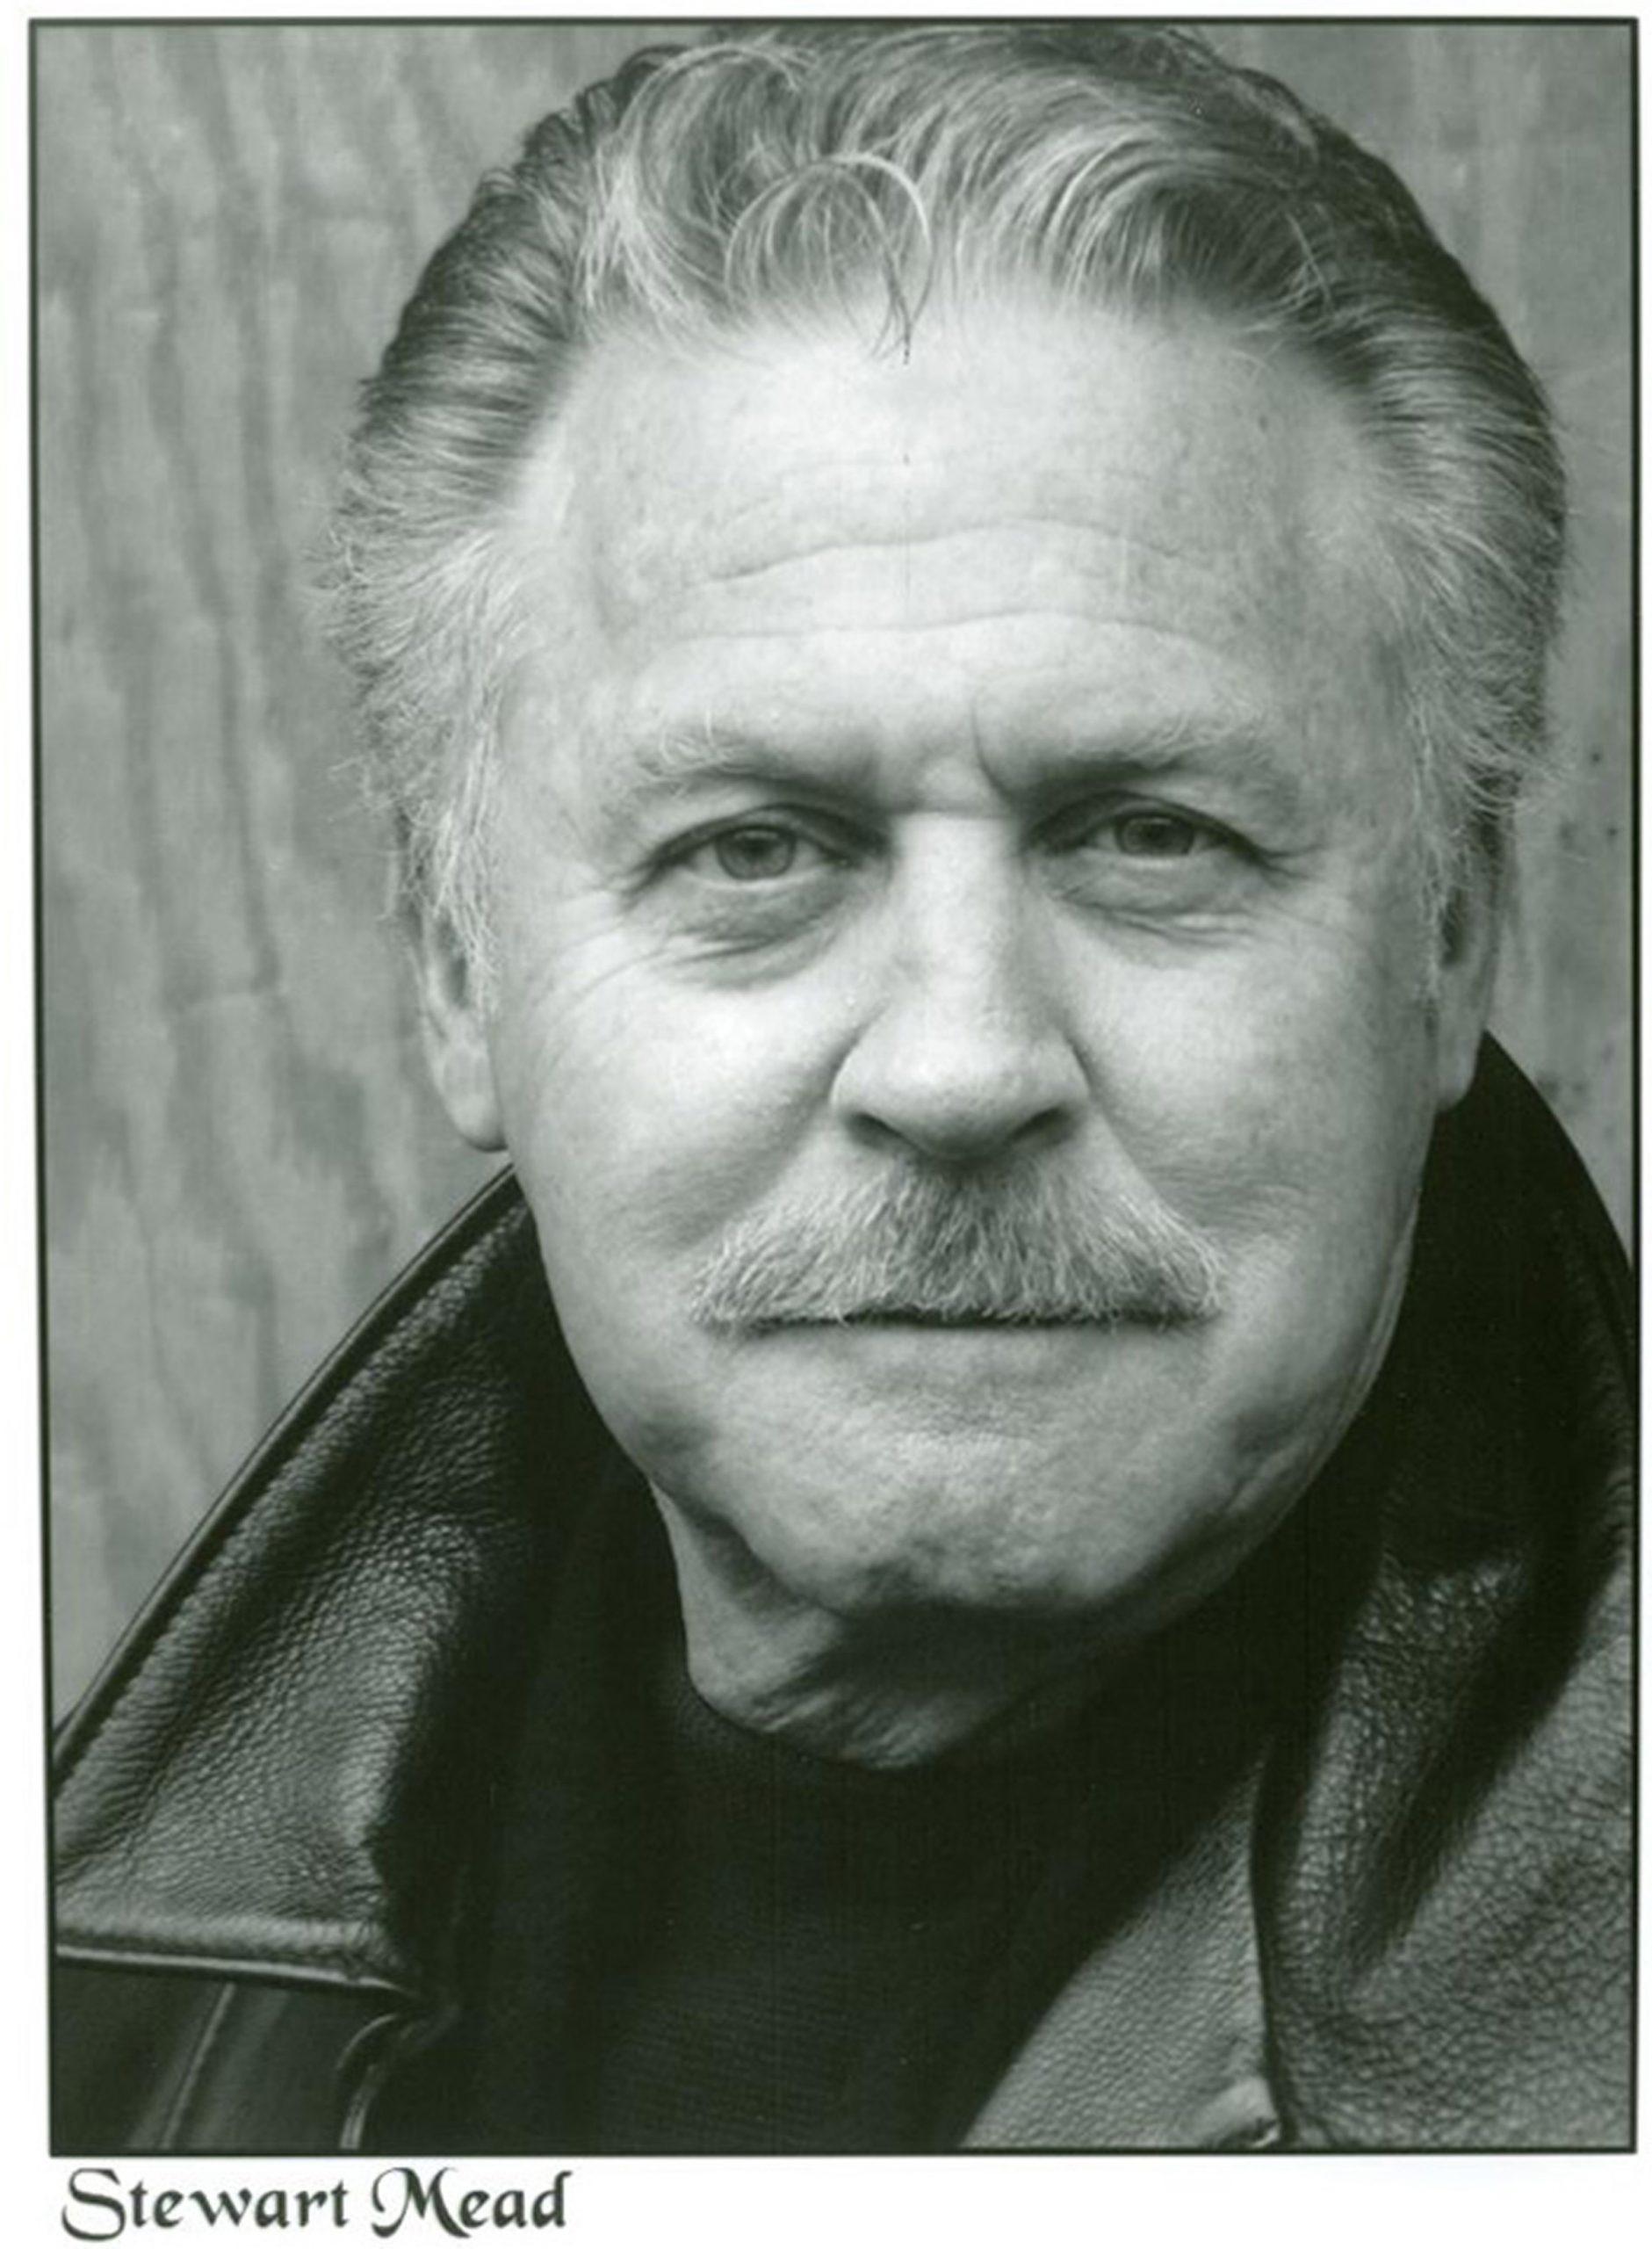 Stewart Mead